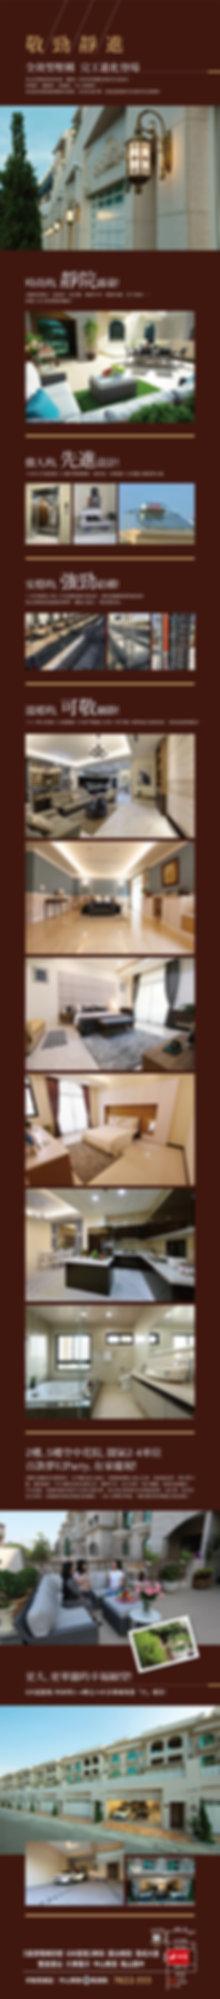 大禾墅-edm1-2.jpg